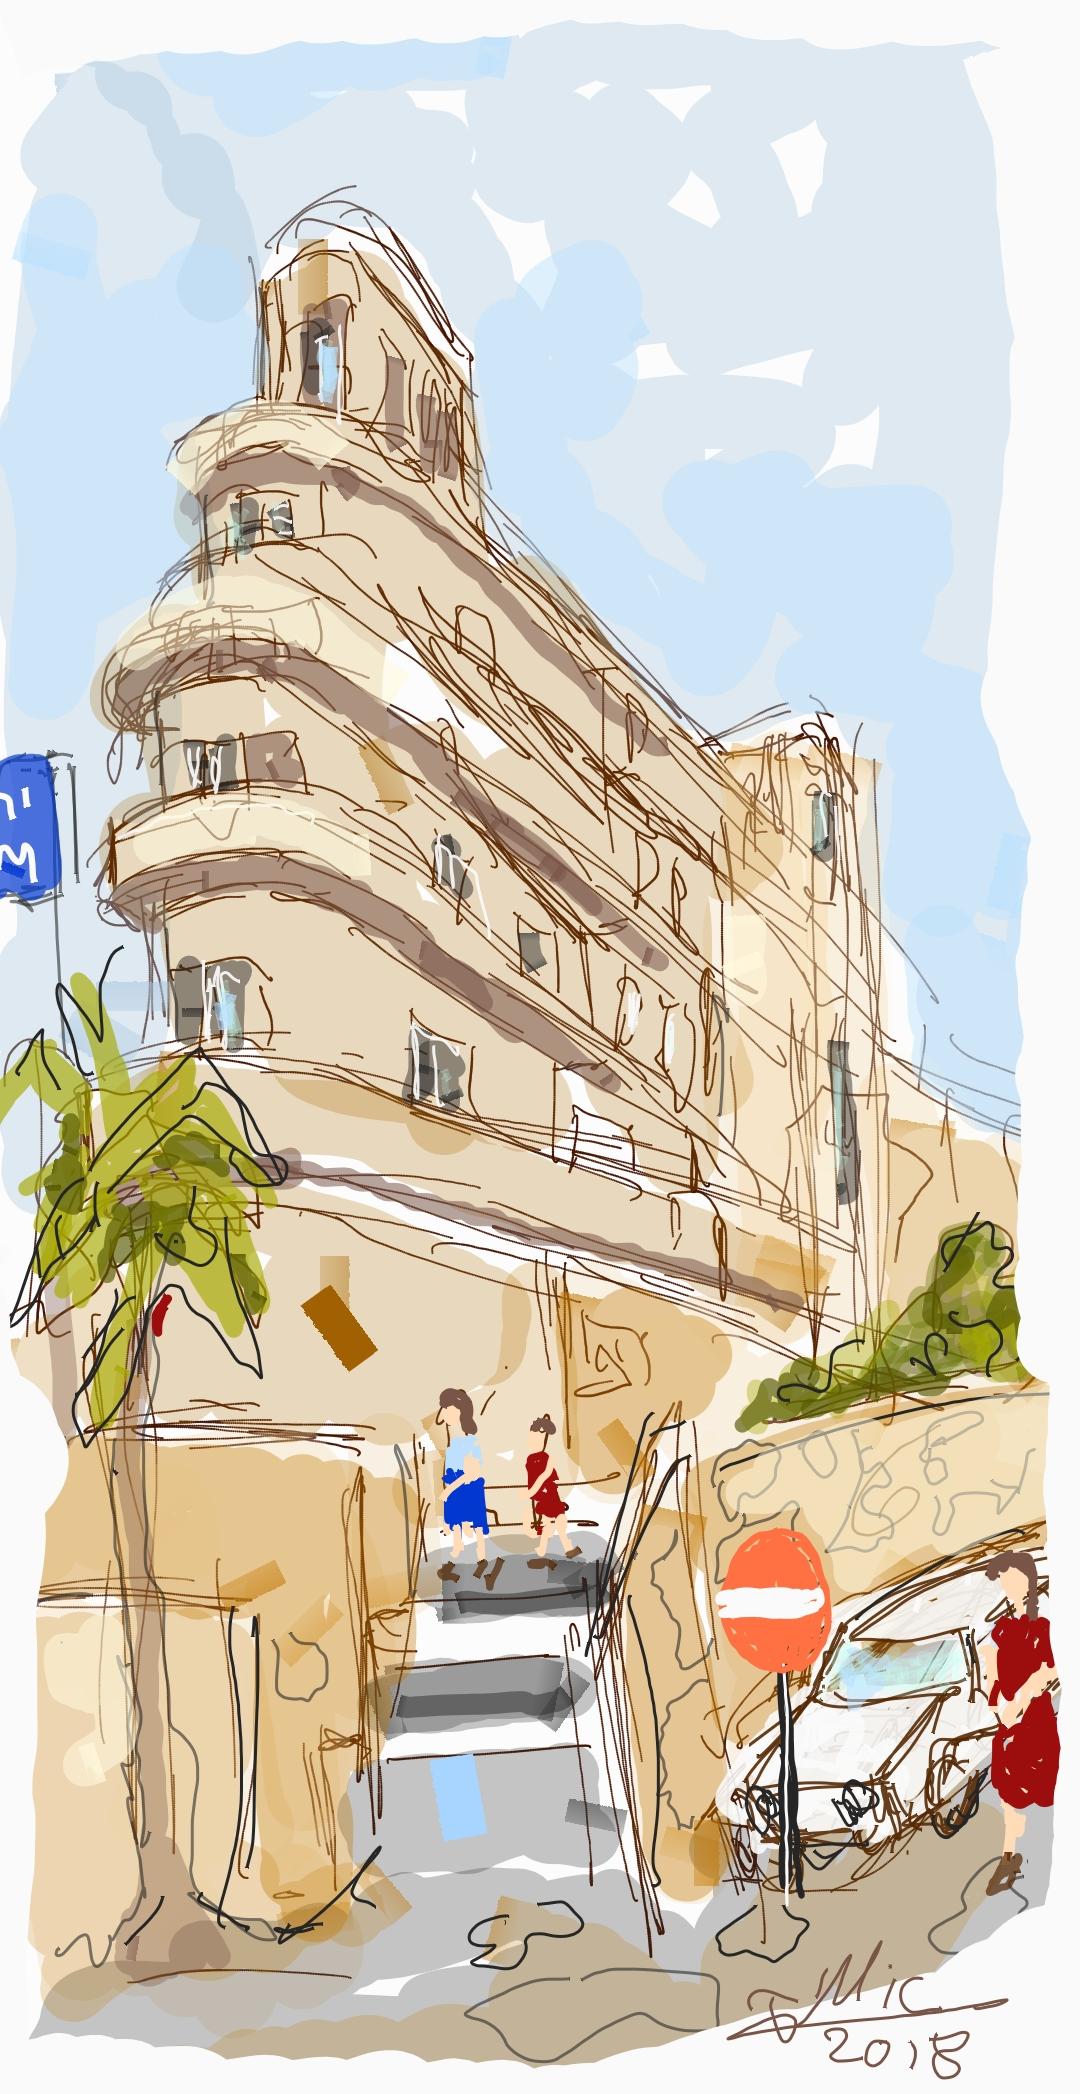 100 שנה להולדתה של ארכיטקטורת הבאוהאוס והבאתה לארץ ישראל